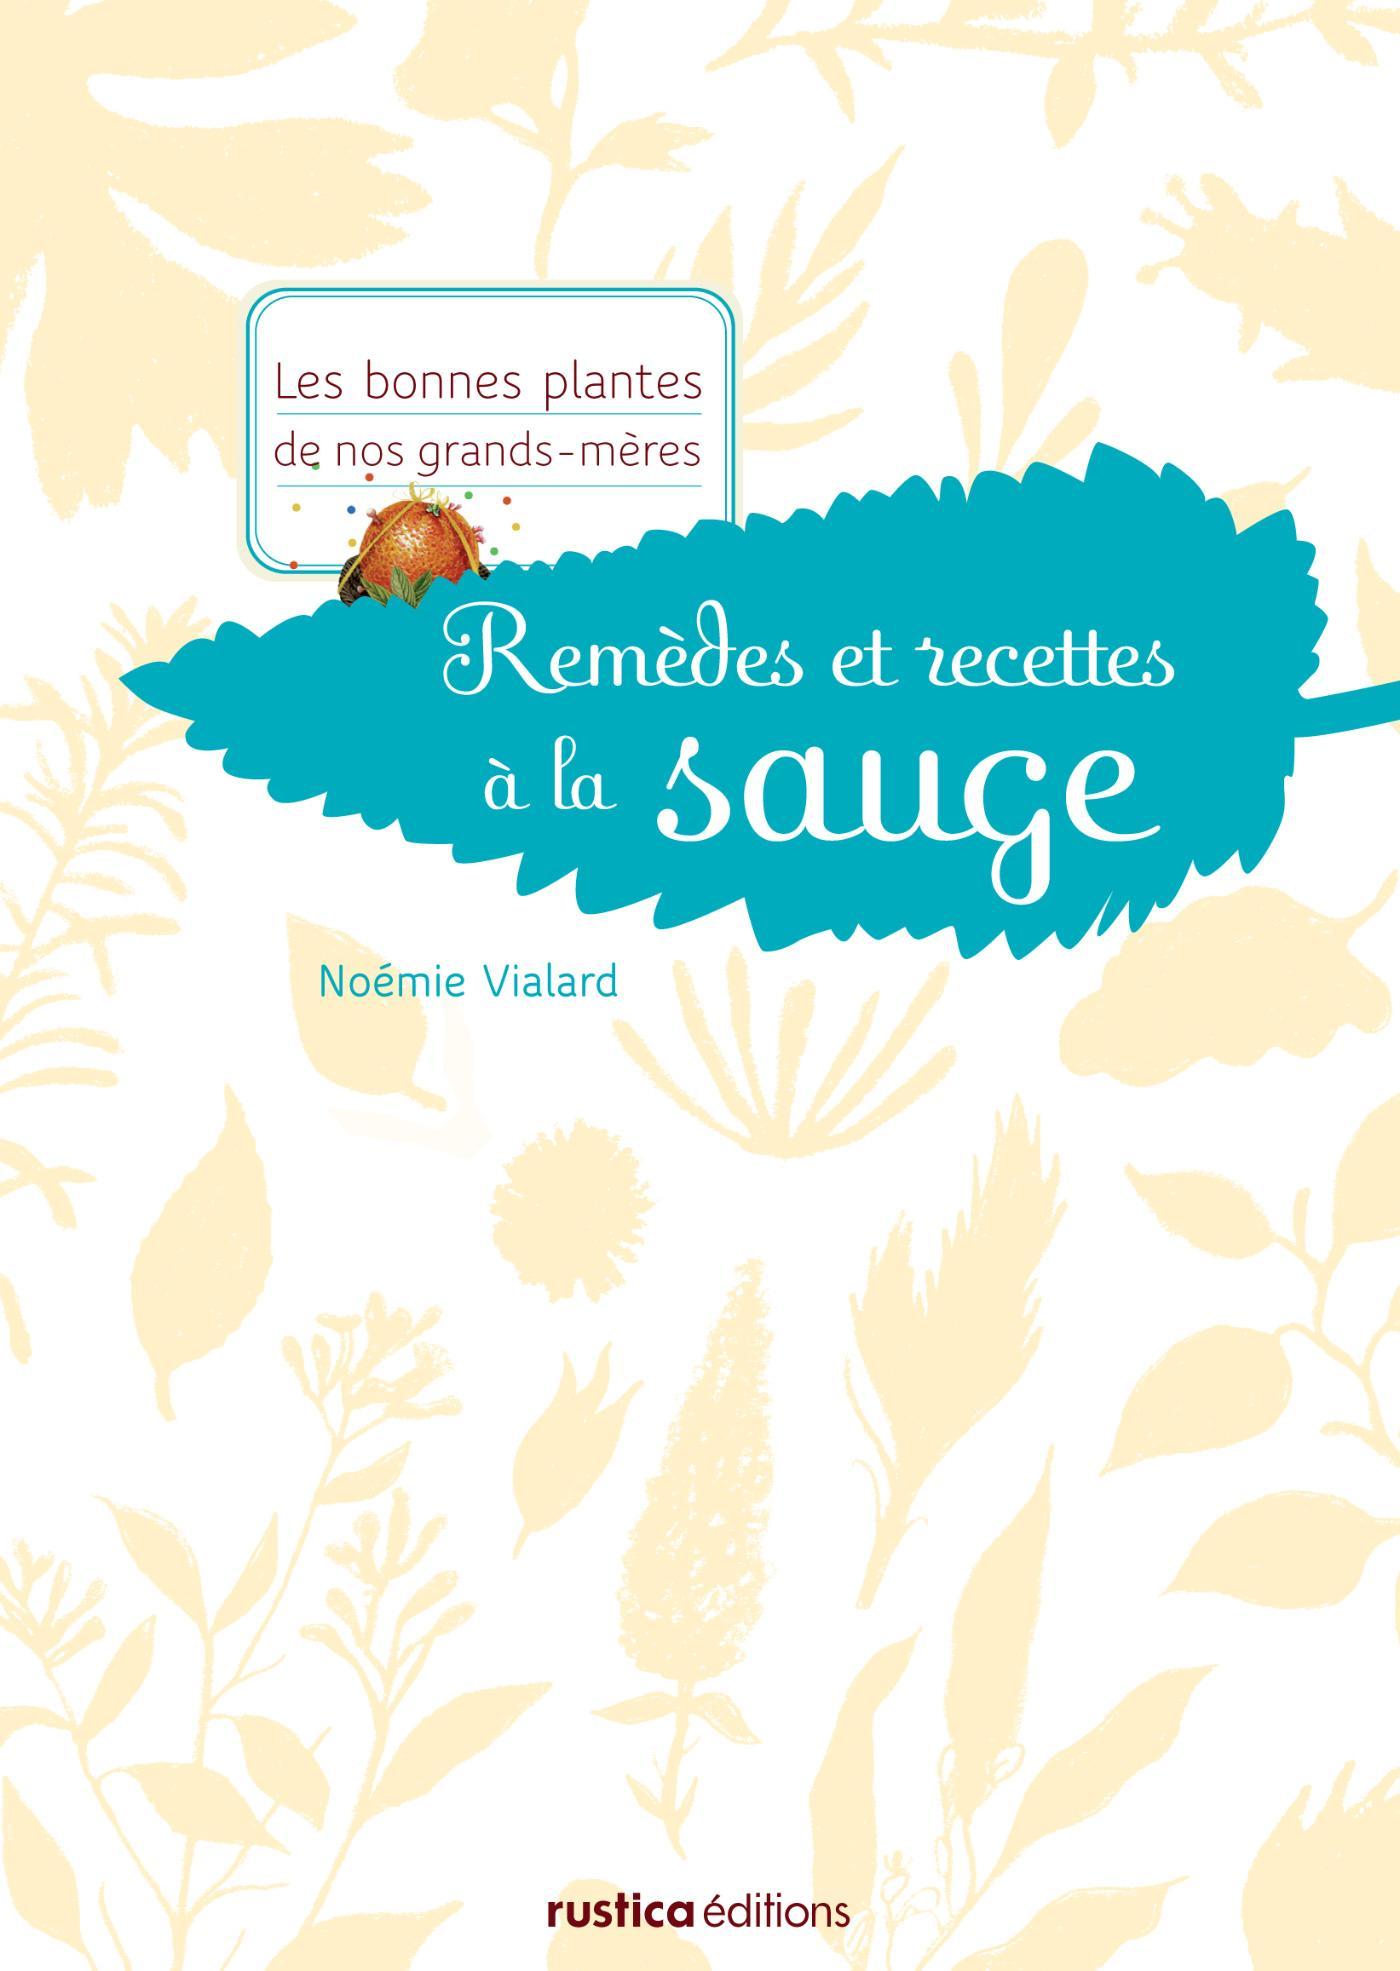 Remèdes et recettes à la sauge, LES BONNES PLANTES DE NOS GRANDS-MÈRES